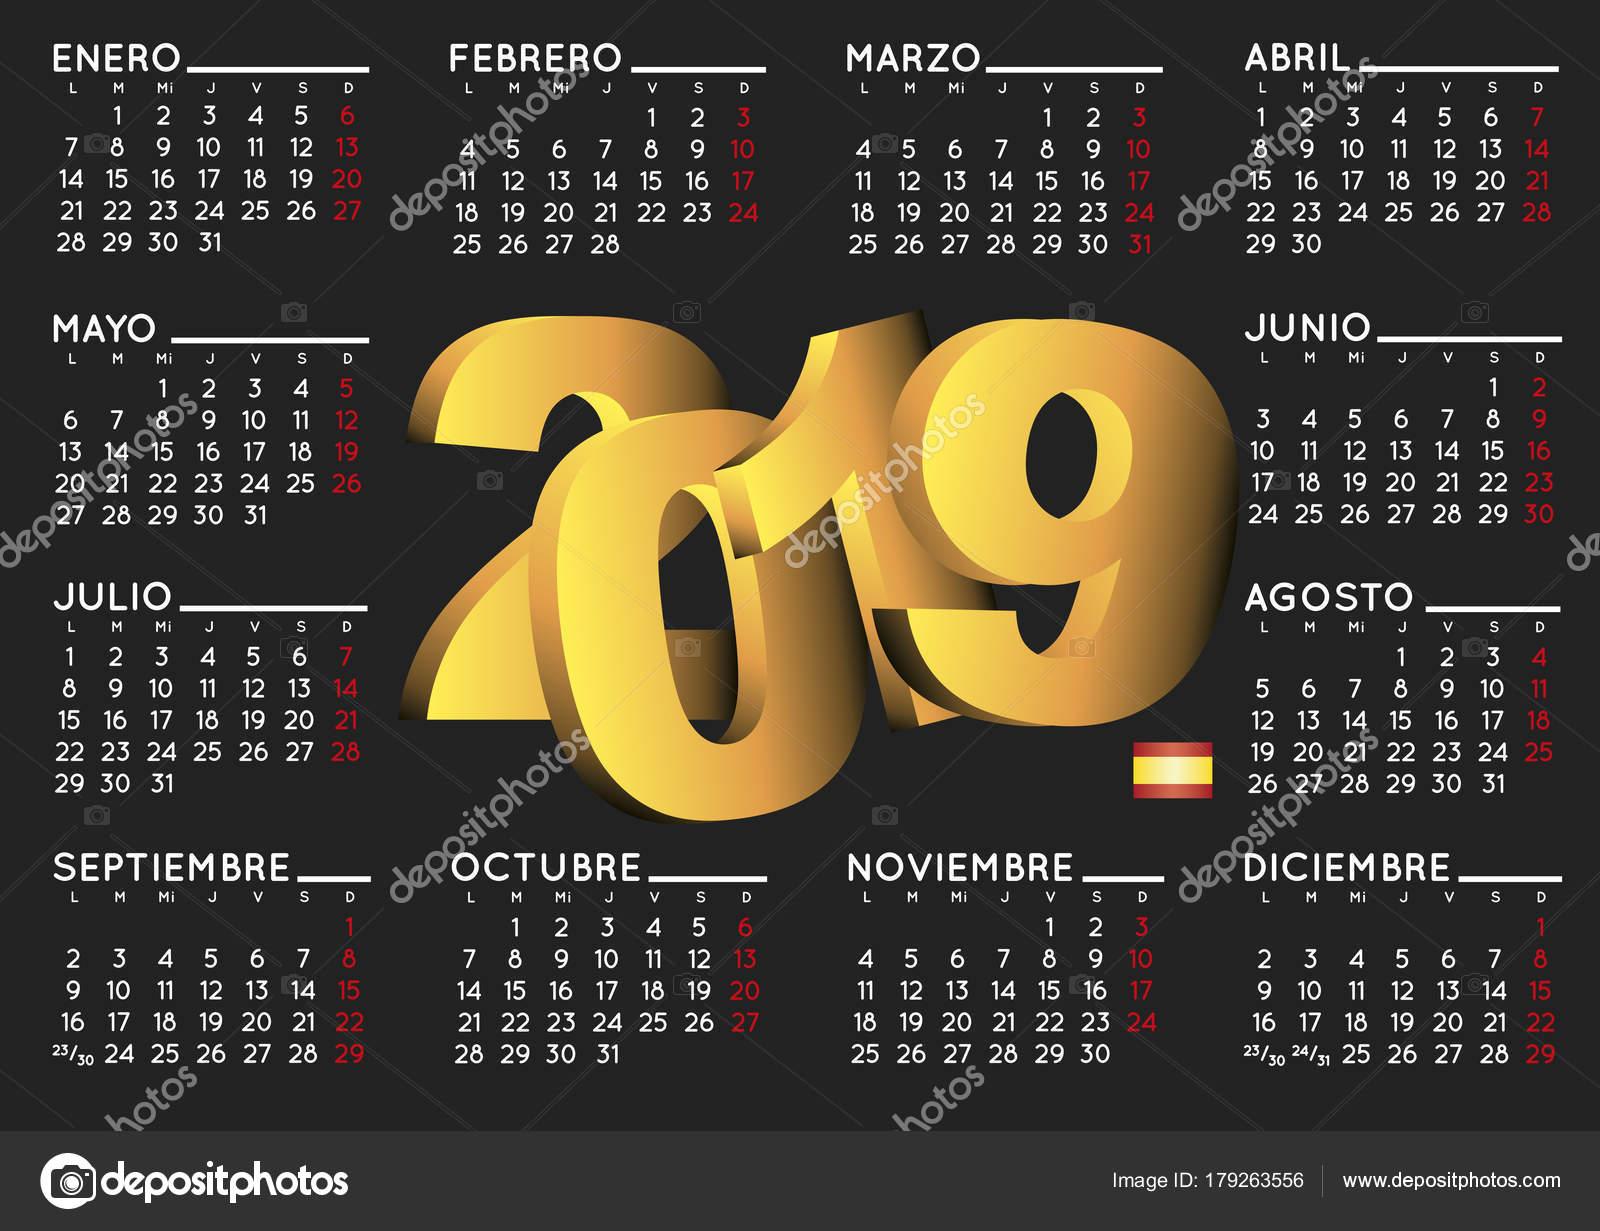 Calendario In Spagnolo.2019 Calendario In Nero Orizzontale Spagnolo Vettoriali